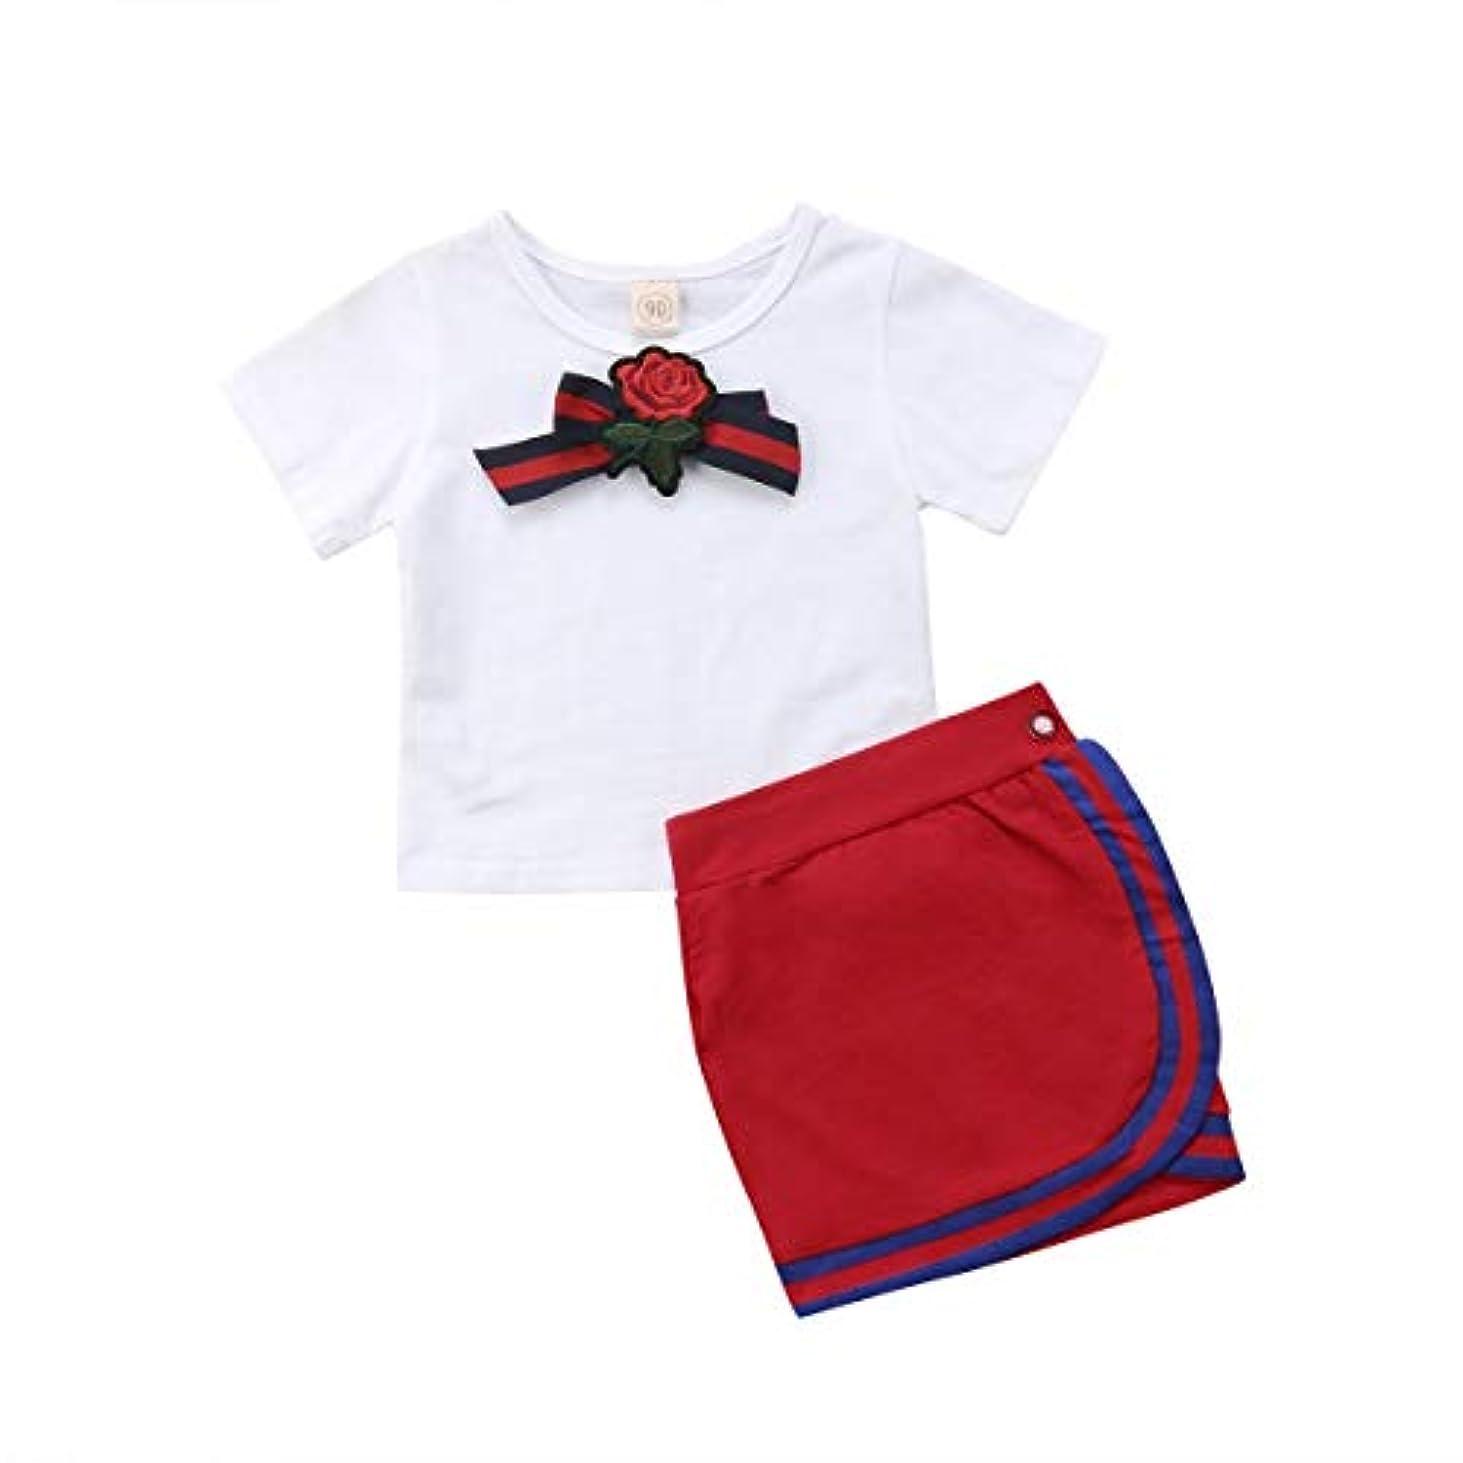 相談するソーセージ報酬のOnderroa - 女子制服新生児キッズベビー は蝶の花タイのTシャツショートミニスカートパーティーウェディングチュチュドレストップス設定します。